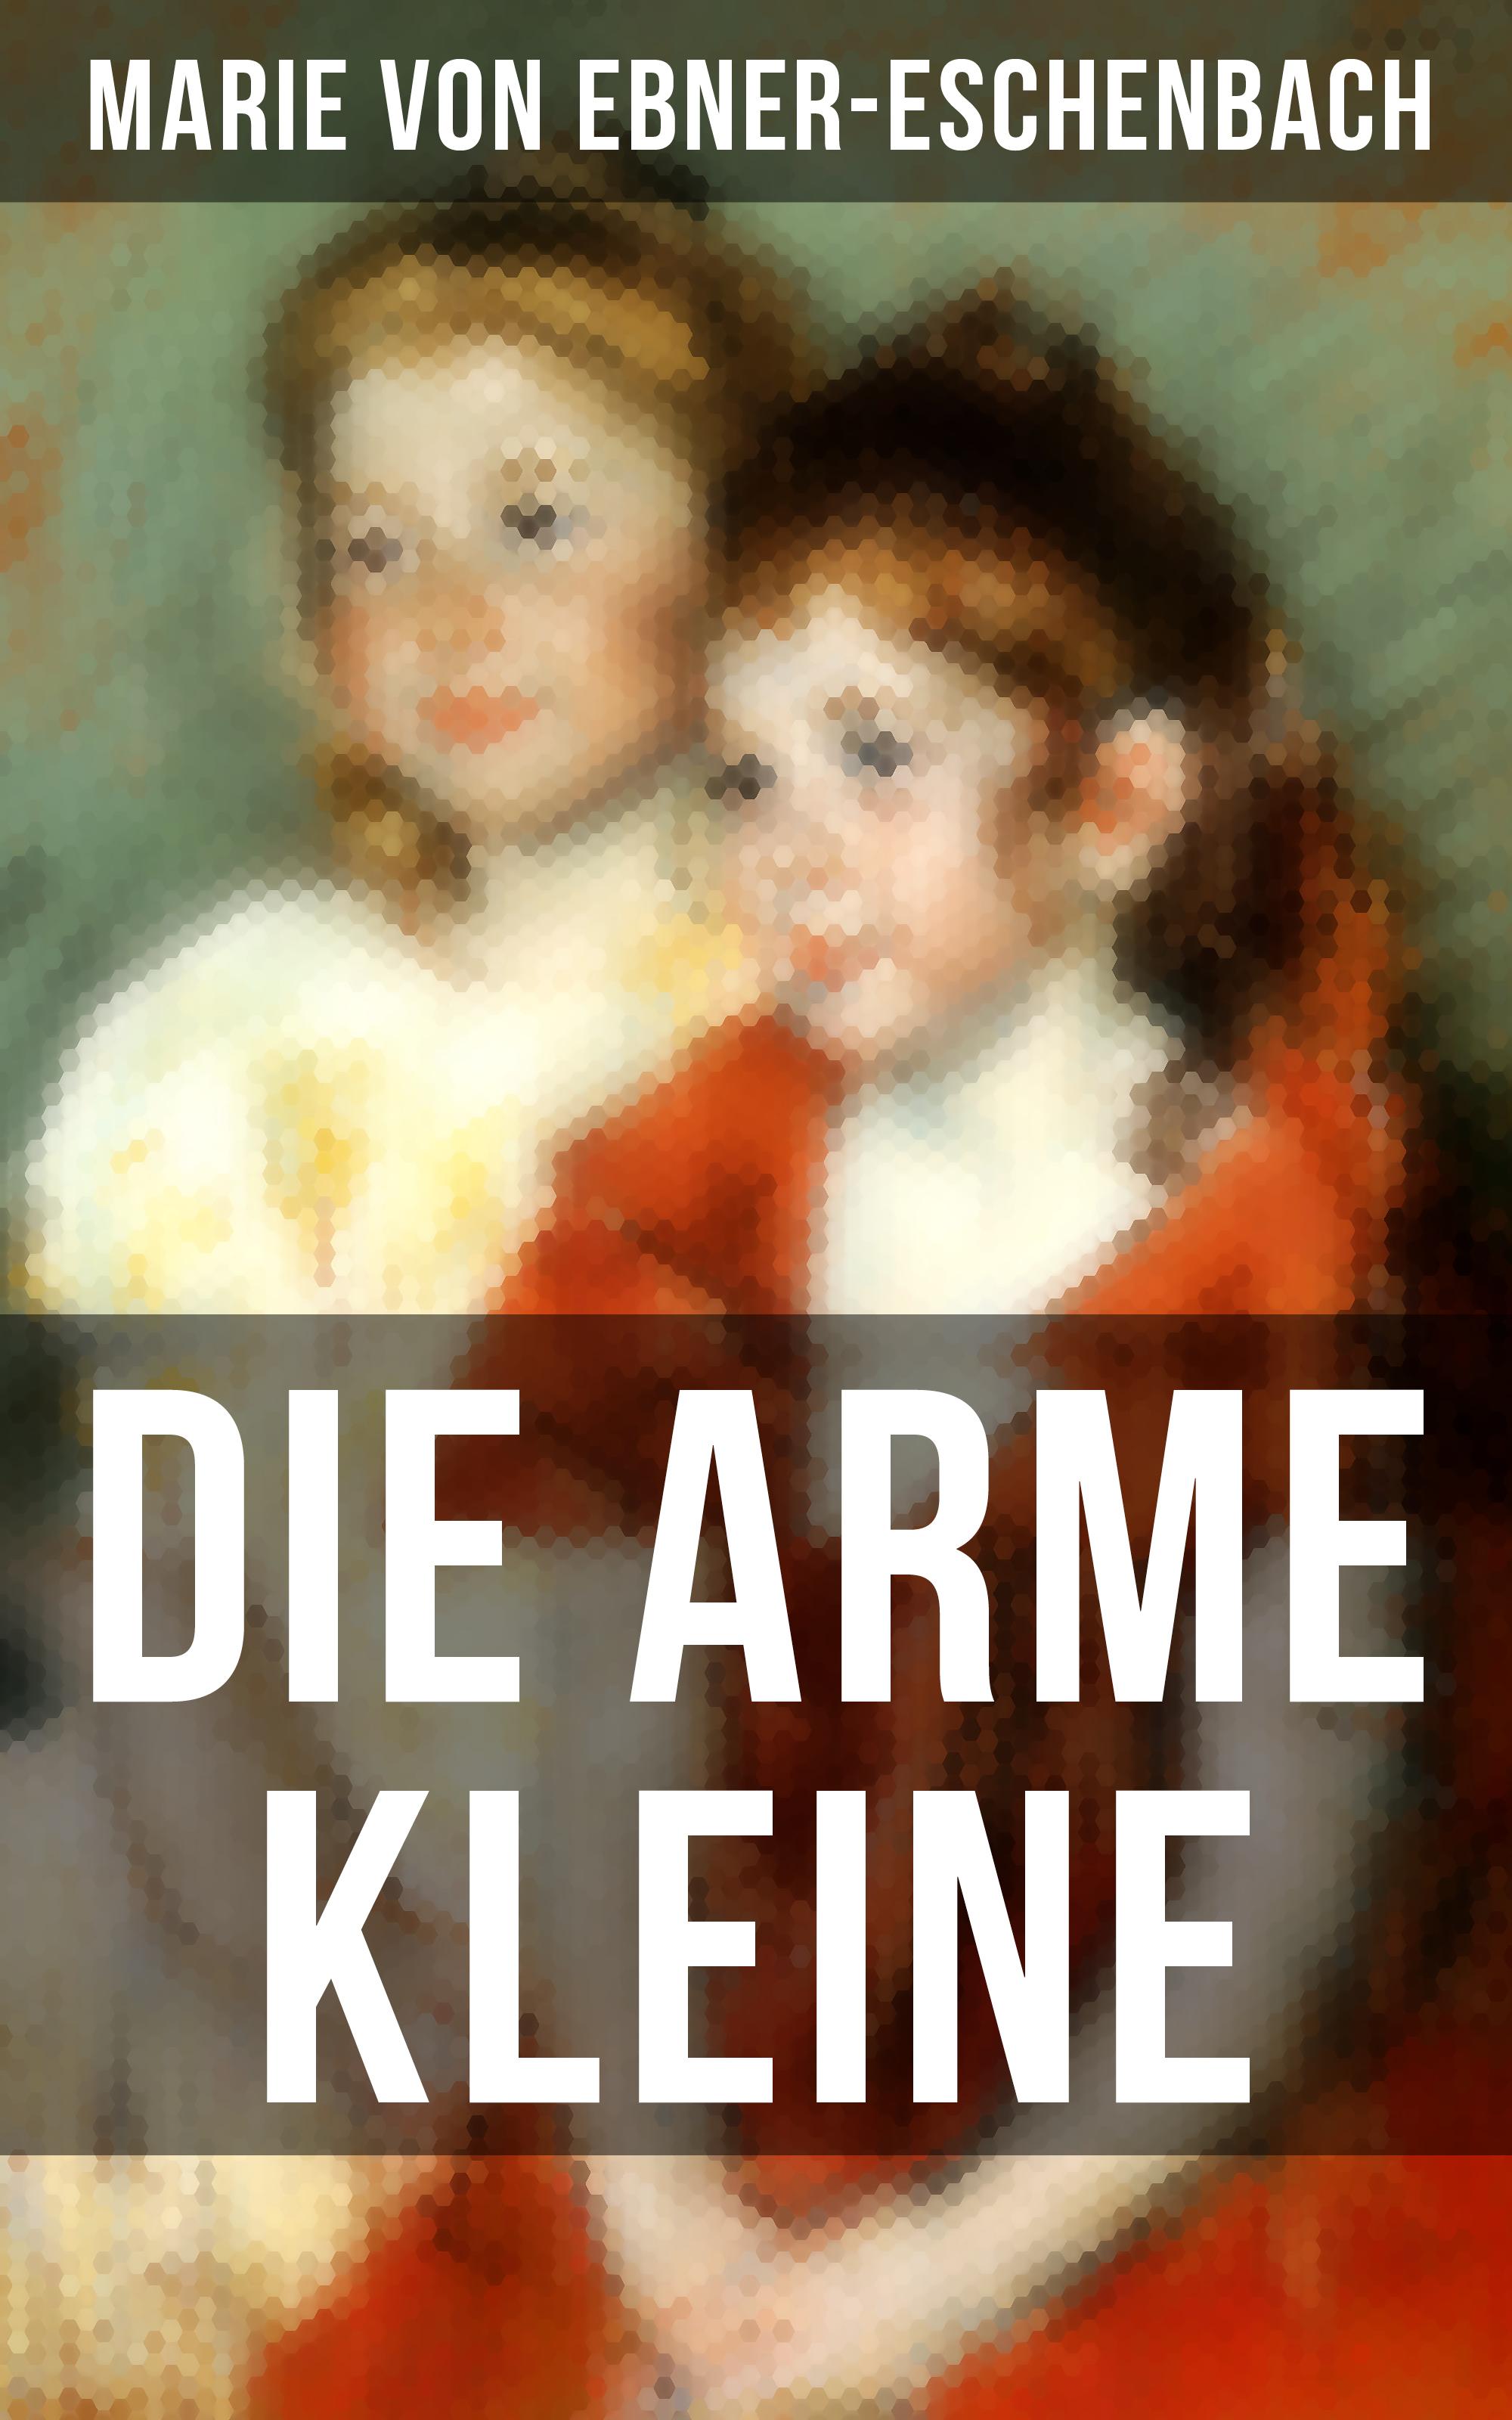 Marie von Ebner-Eschenbach Die arme Kleine eschenbach classic 6x